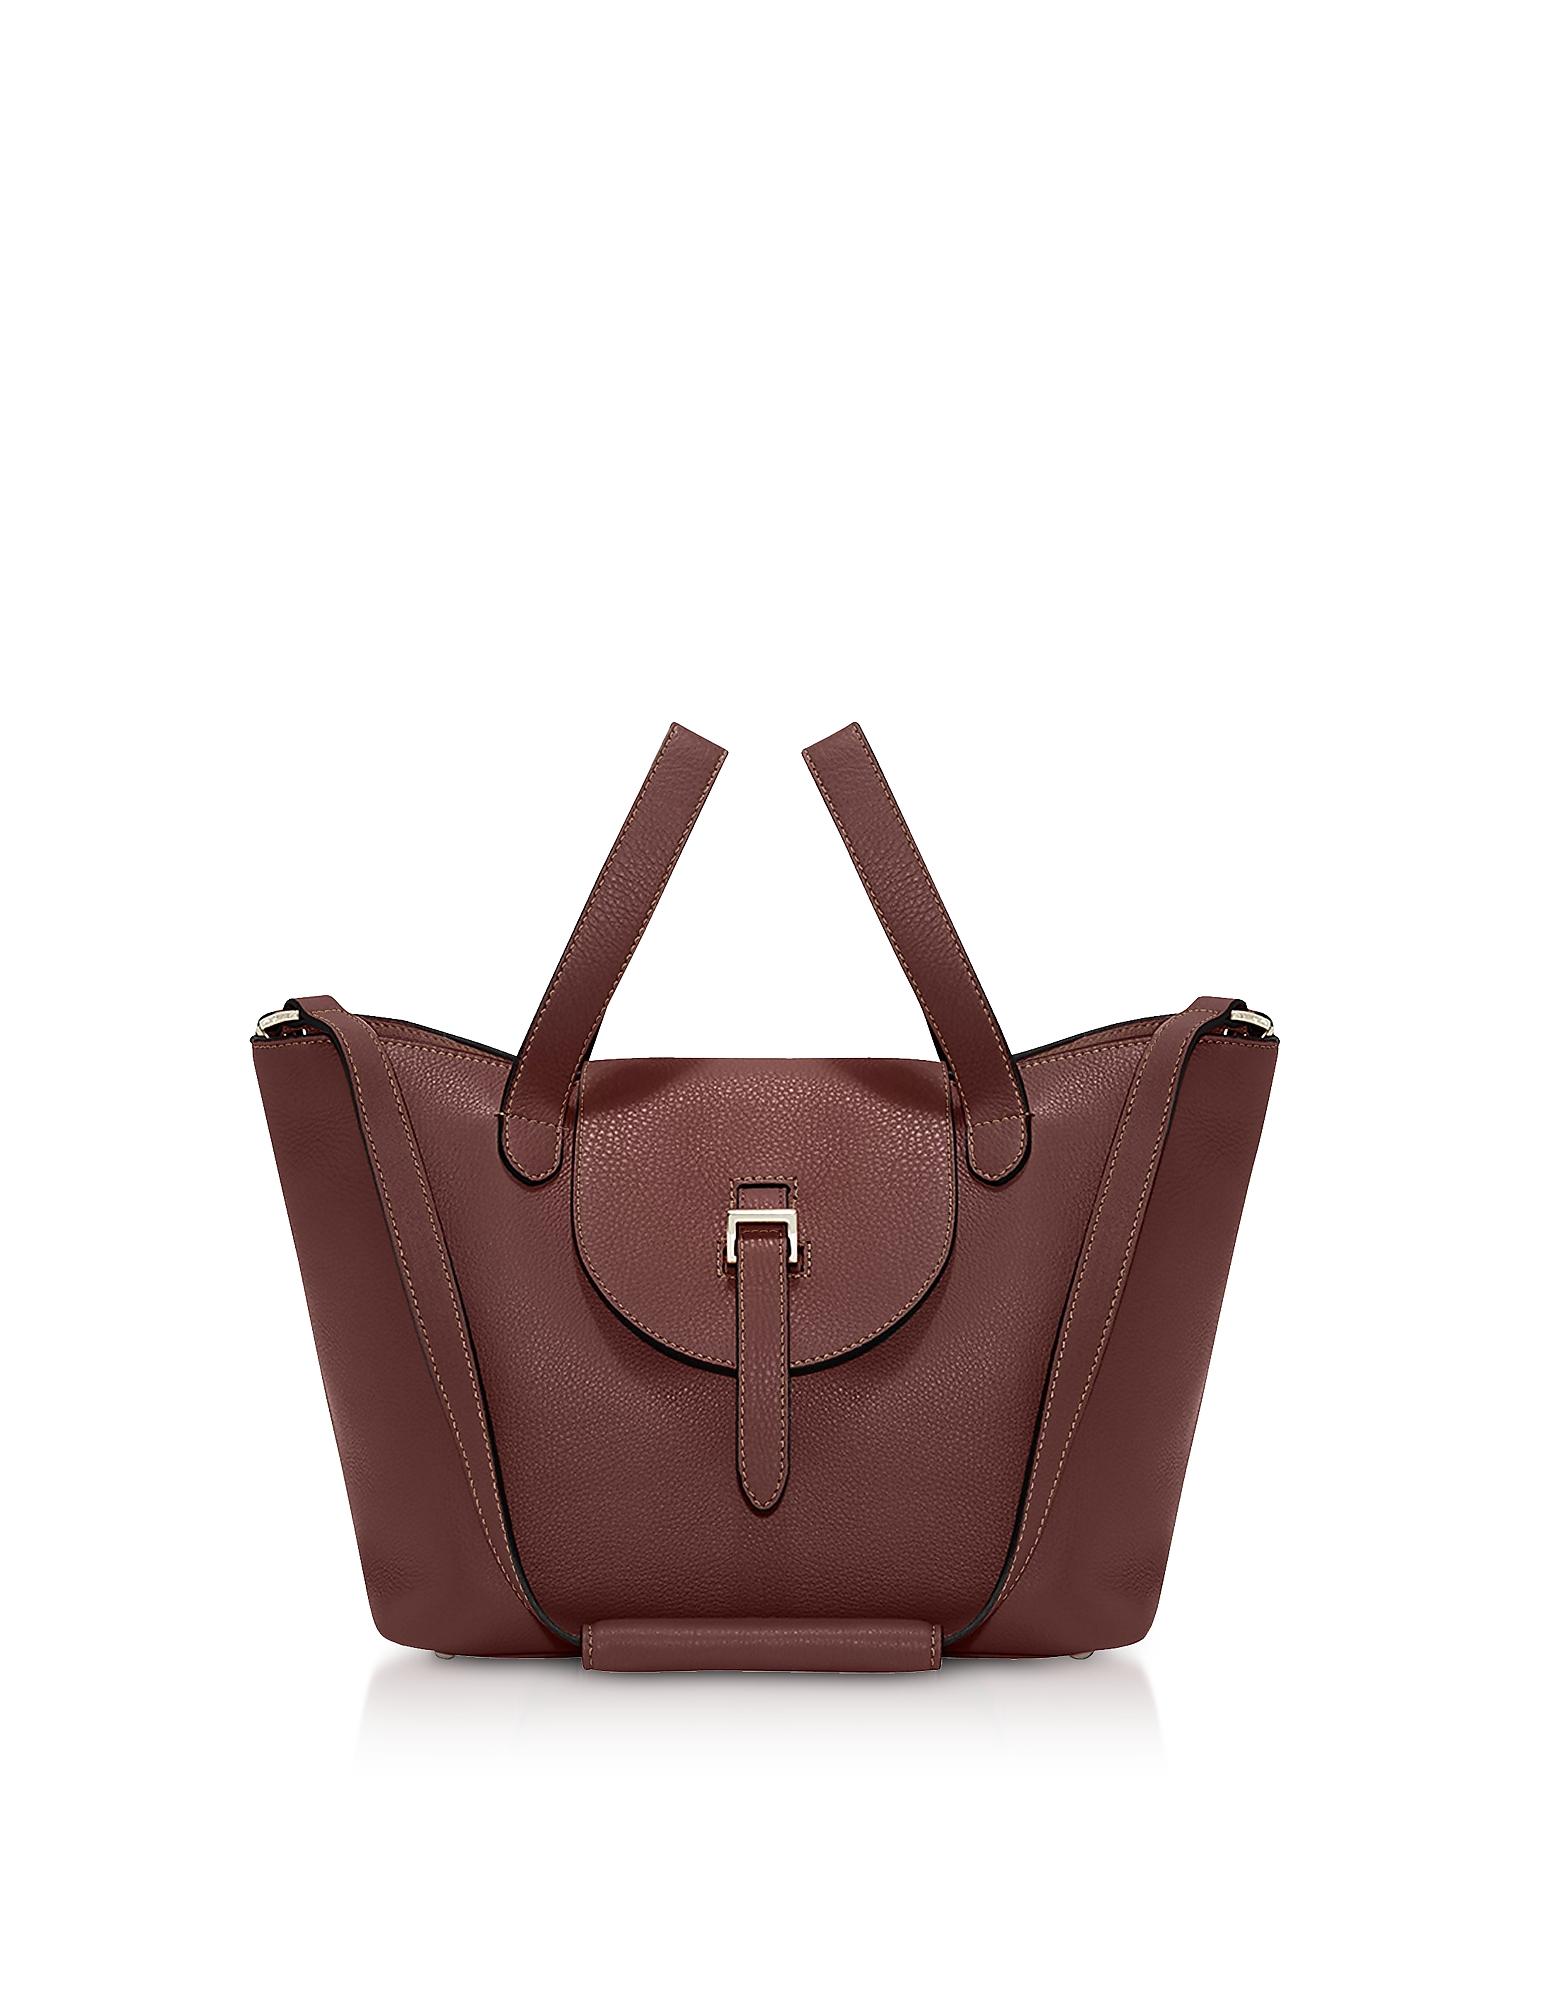 MELI MELO Argan Thela Medium Tote Bag in Dark Brown